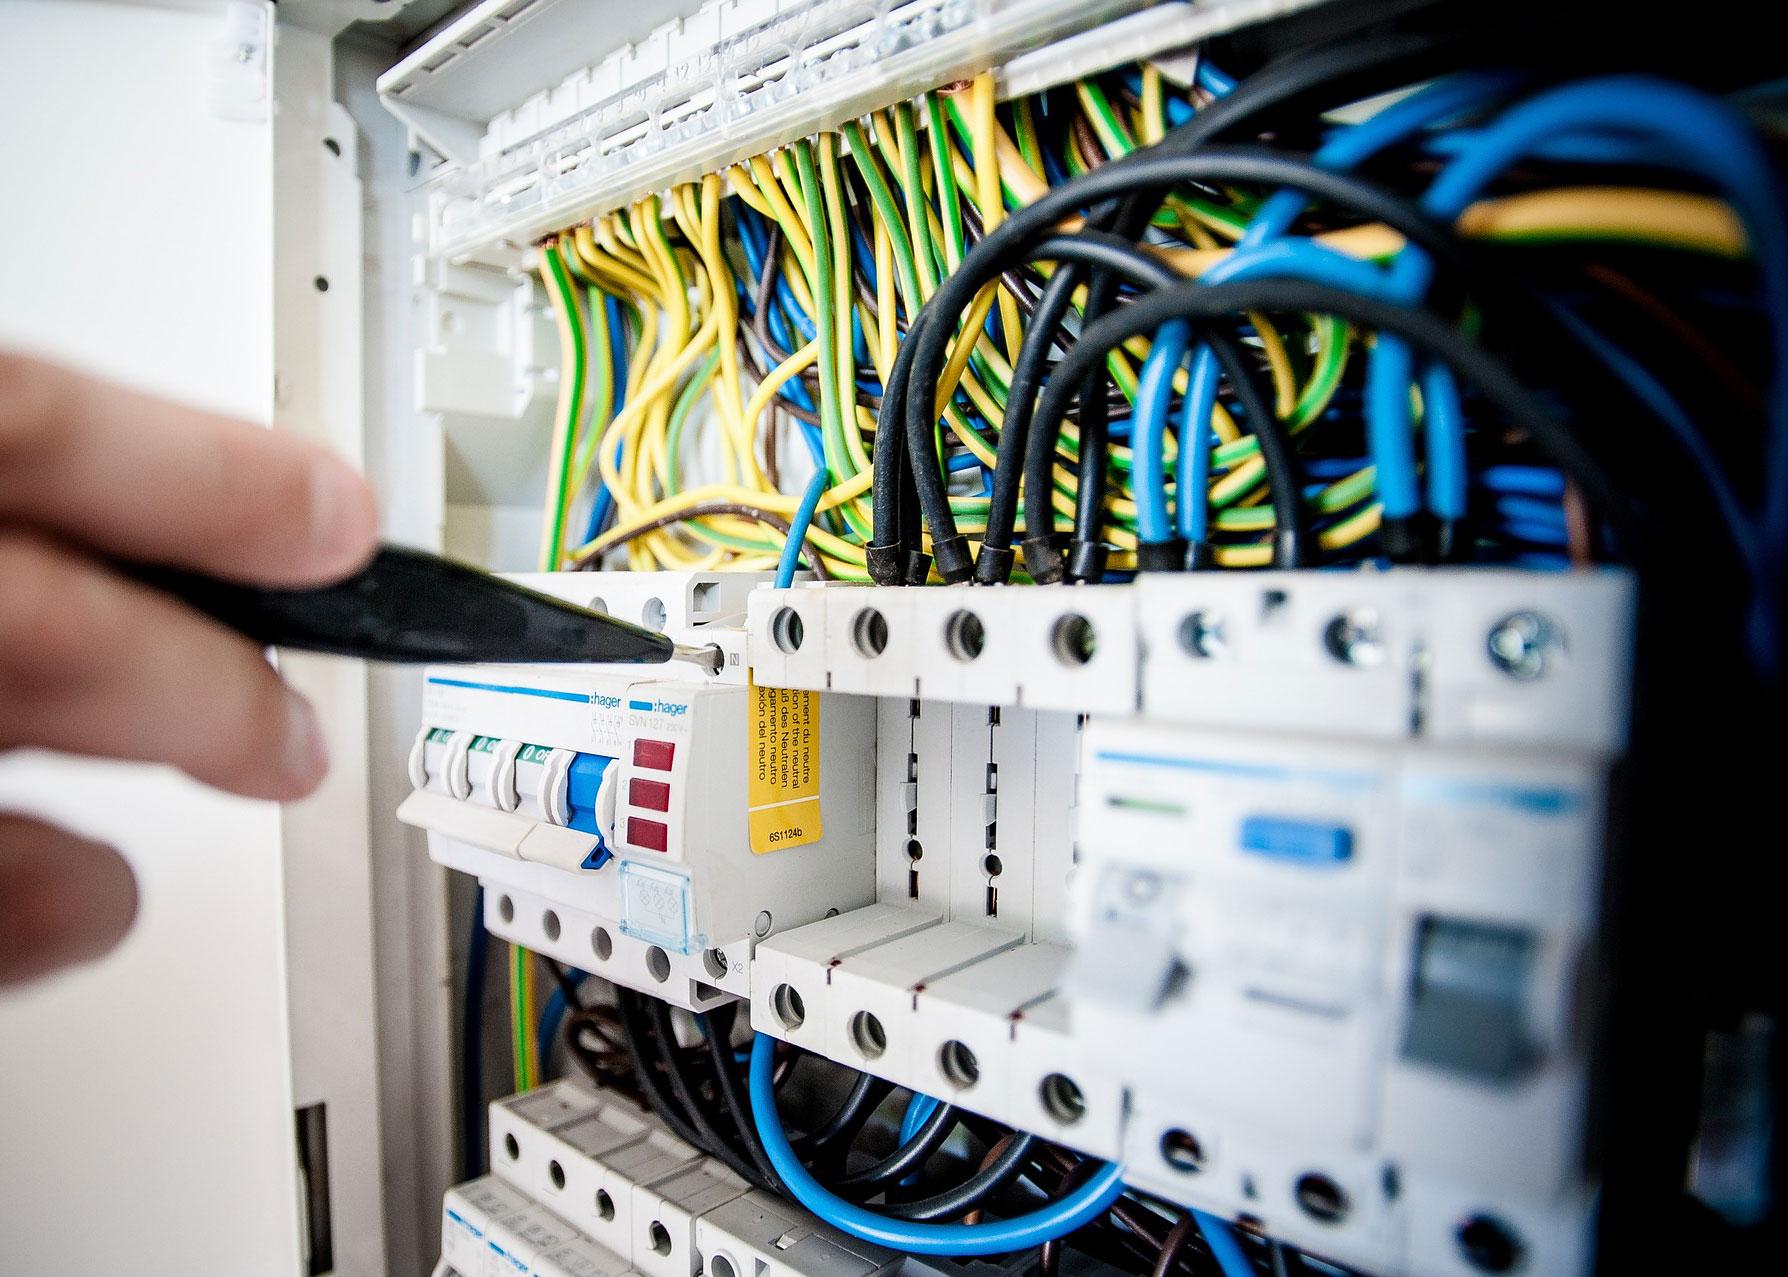 Manutenzione impianti elettrici aziendali: vantaggi della costanza